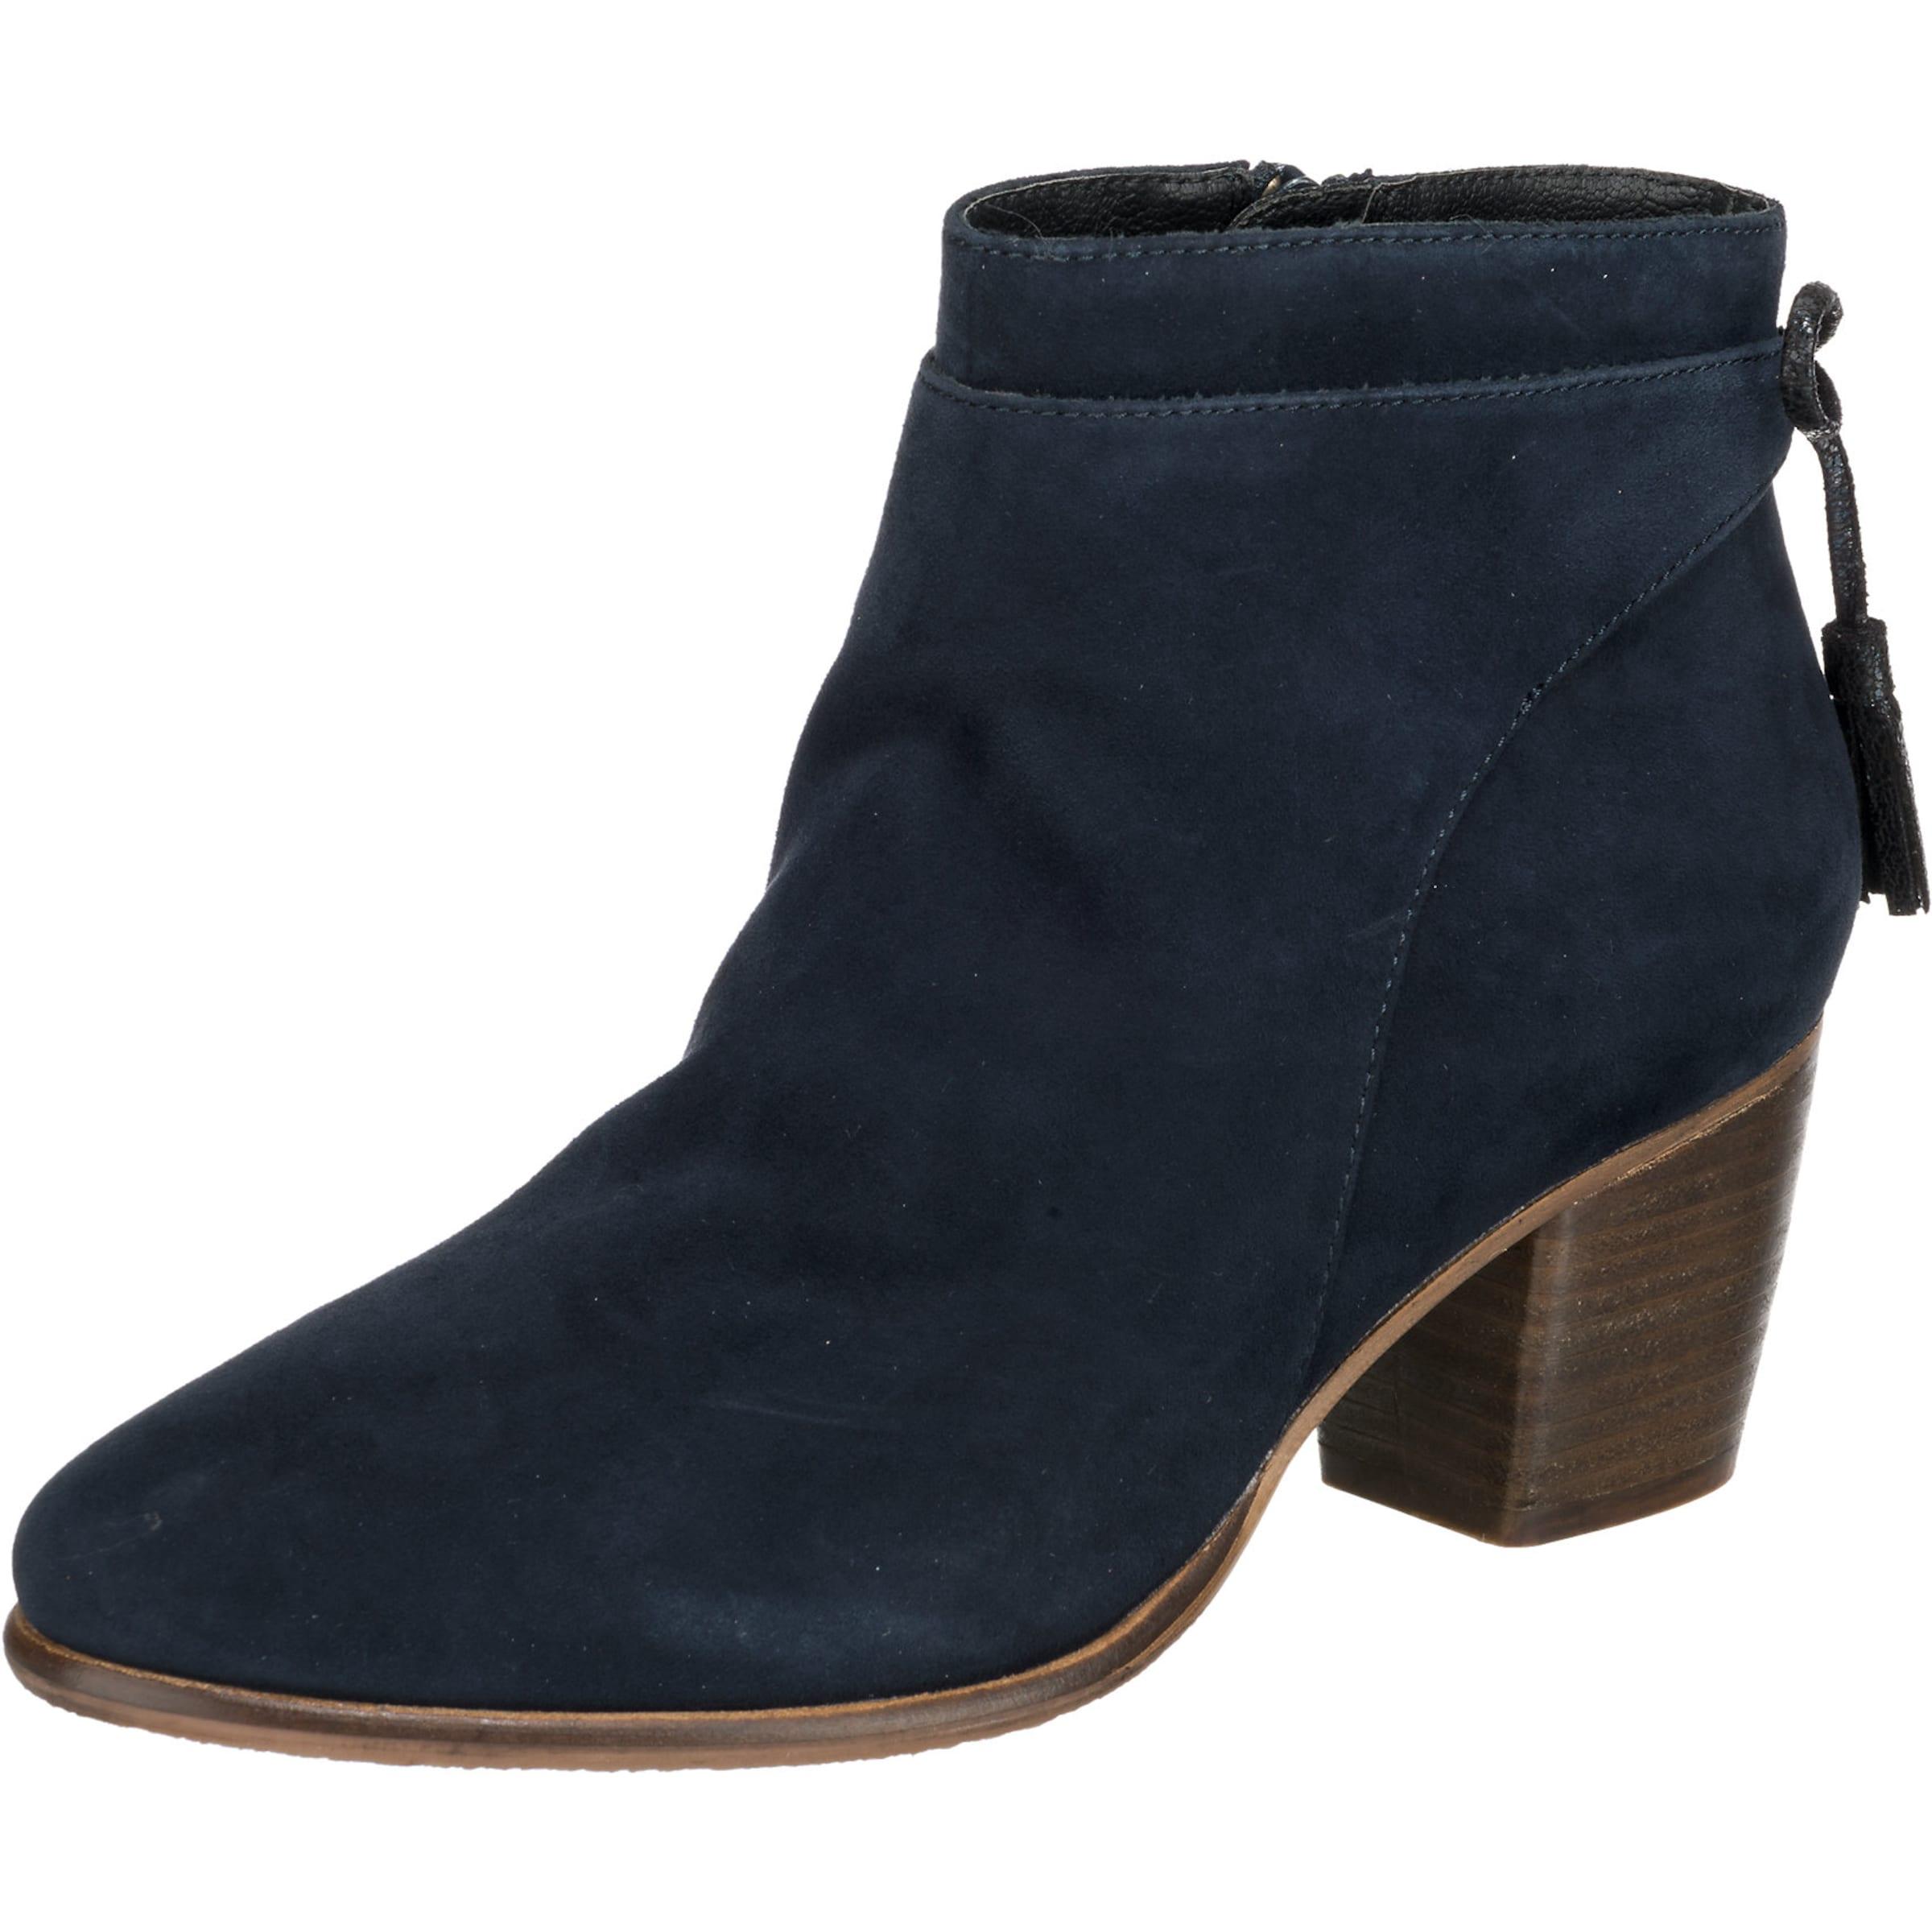 SPM Josje Stiefeletten Verschleißfeste billige Schuhe